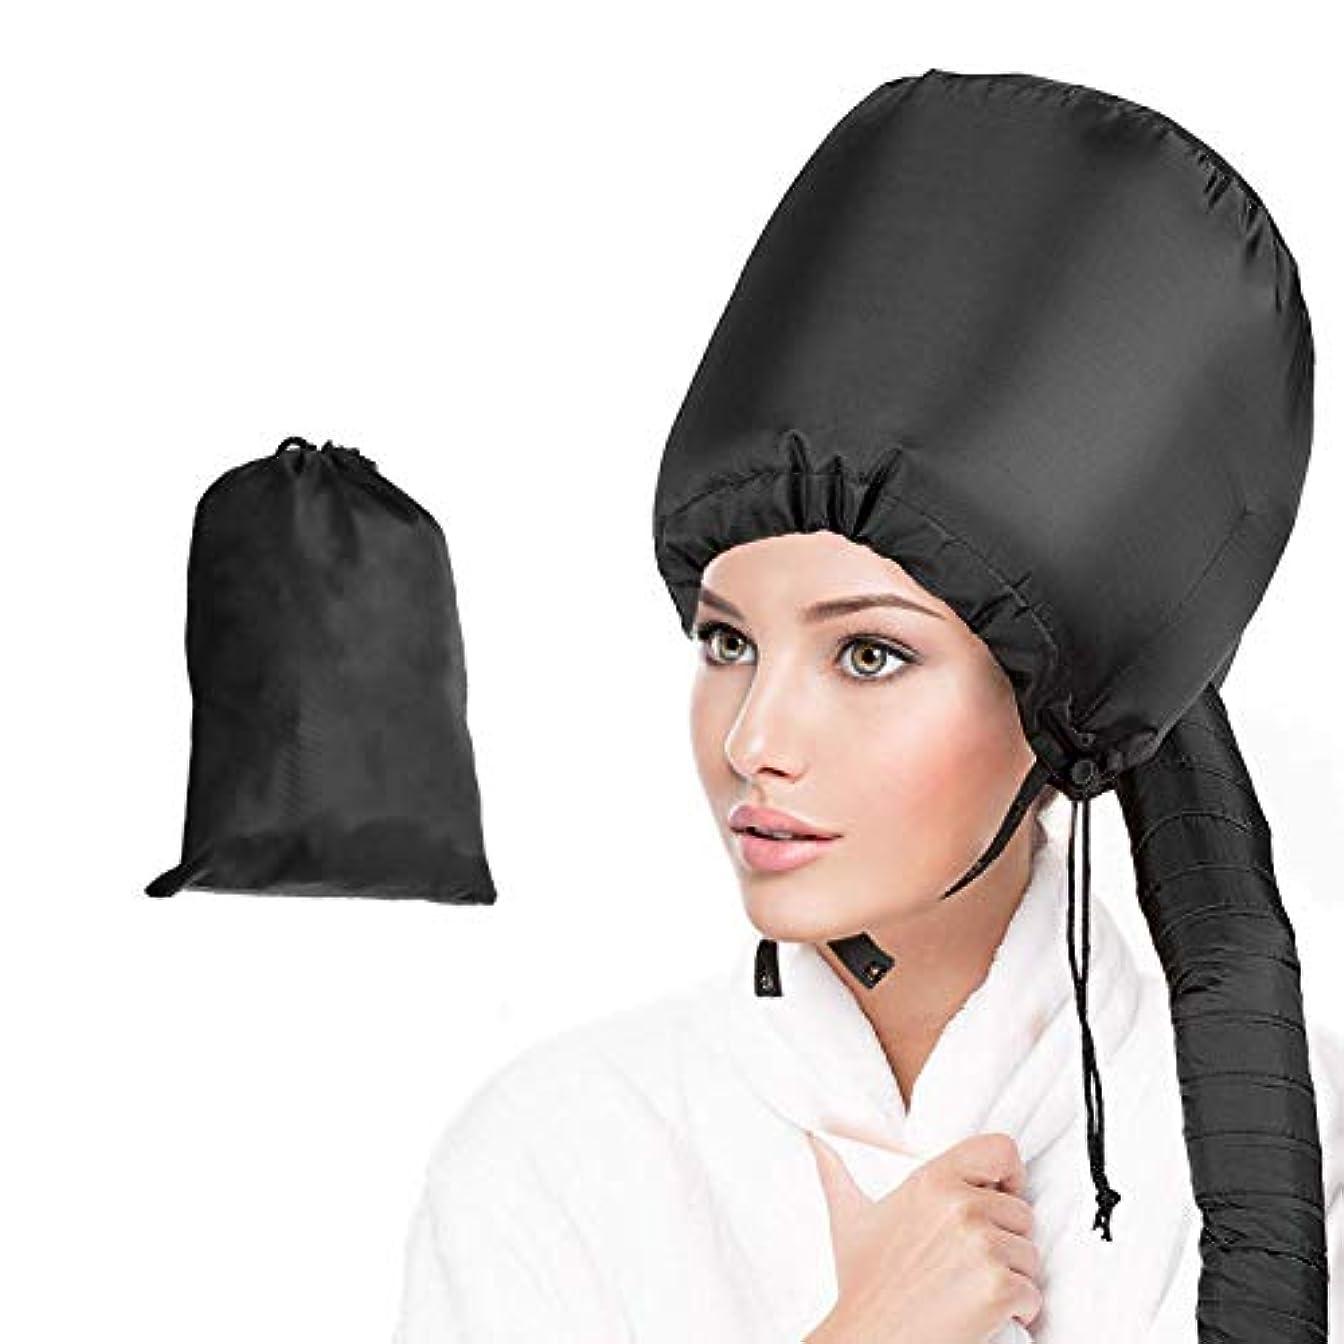 牽引災難ゆでるWeanas ヘアドライヤーキャップ 髪干し帽子 髪ケア ホームサロン 携帯収納ケース付き